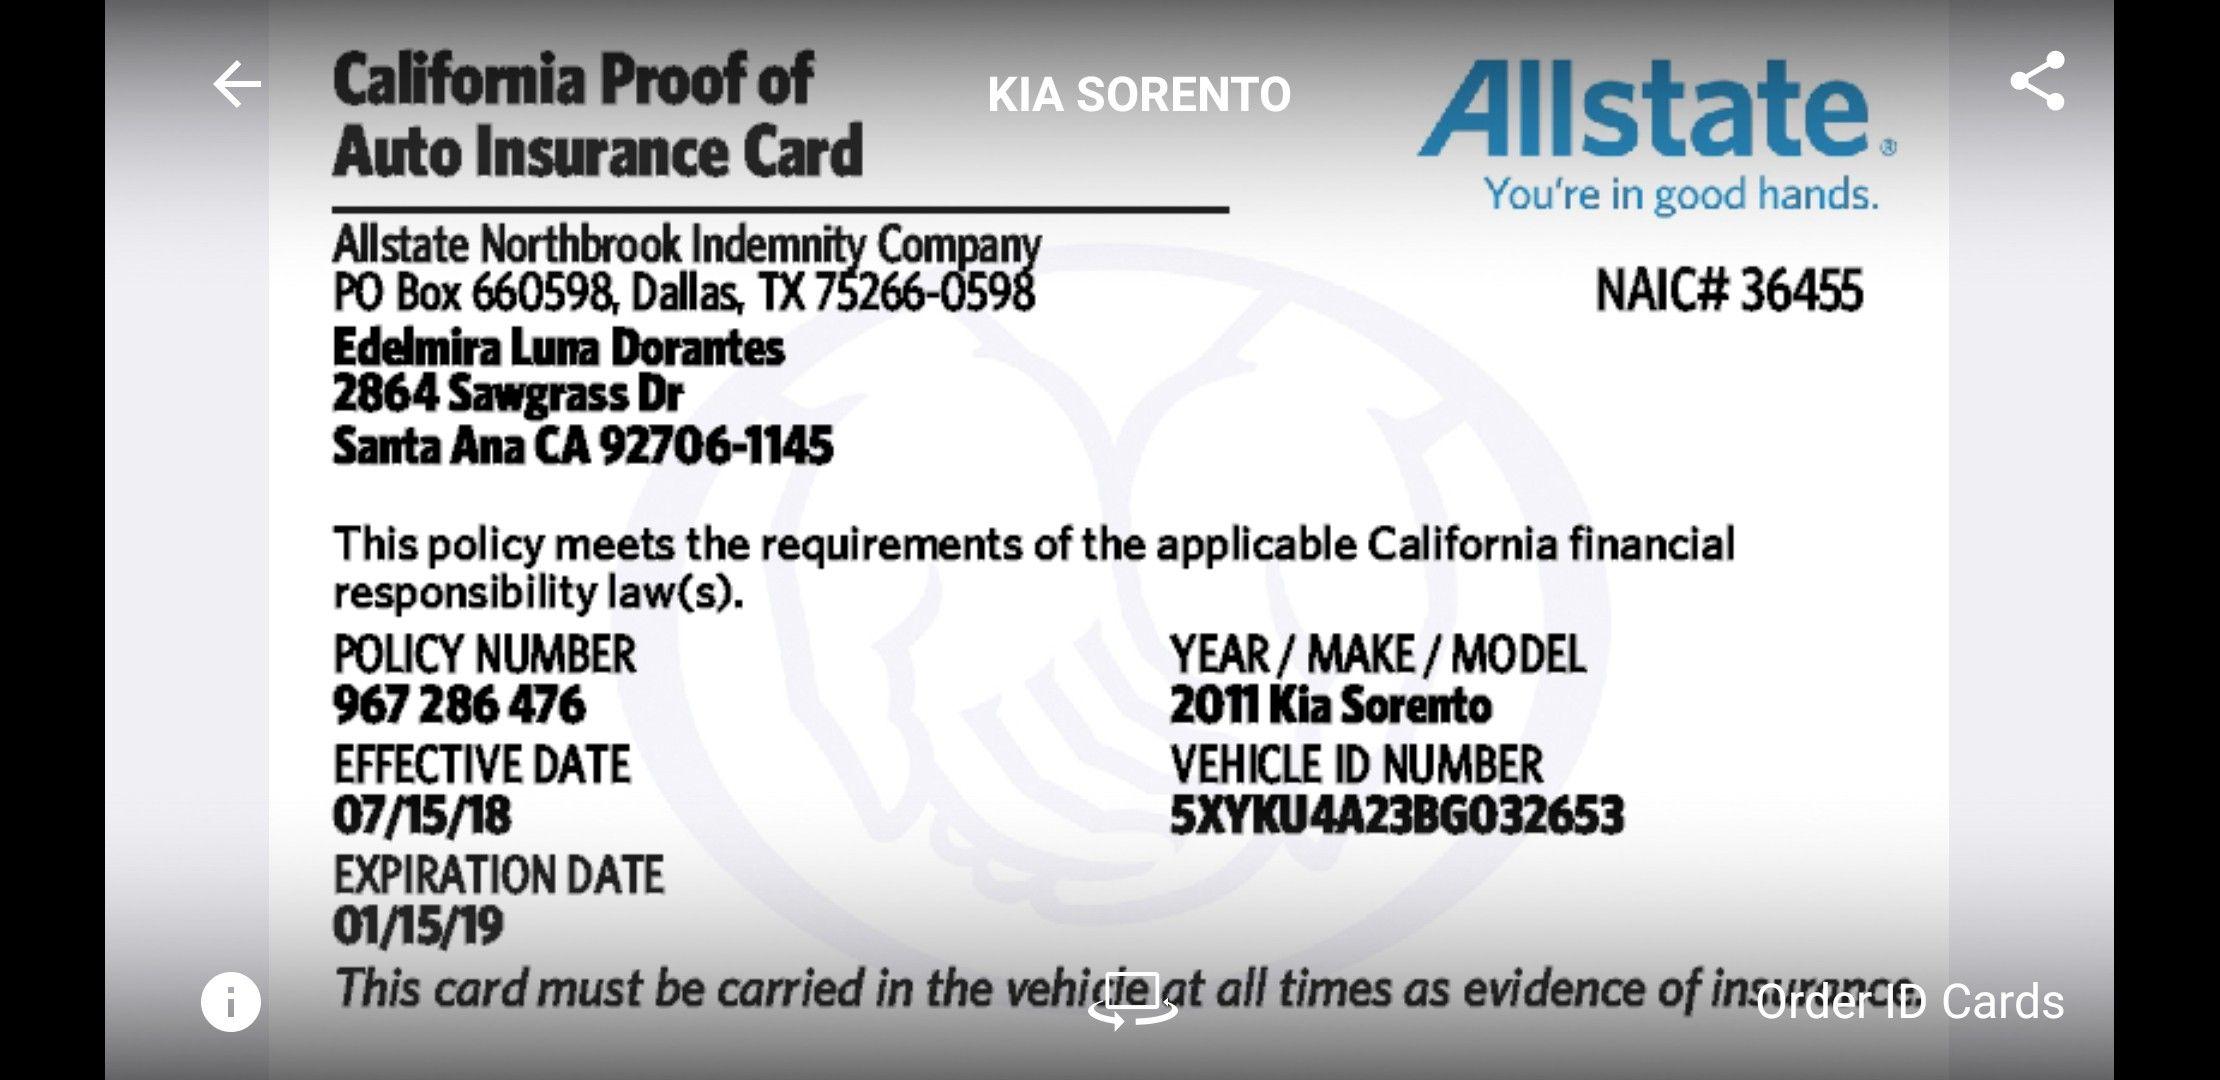 Car insurance card | Allstate insurance, Online insurance ...